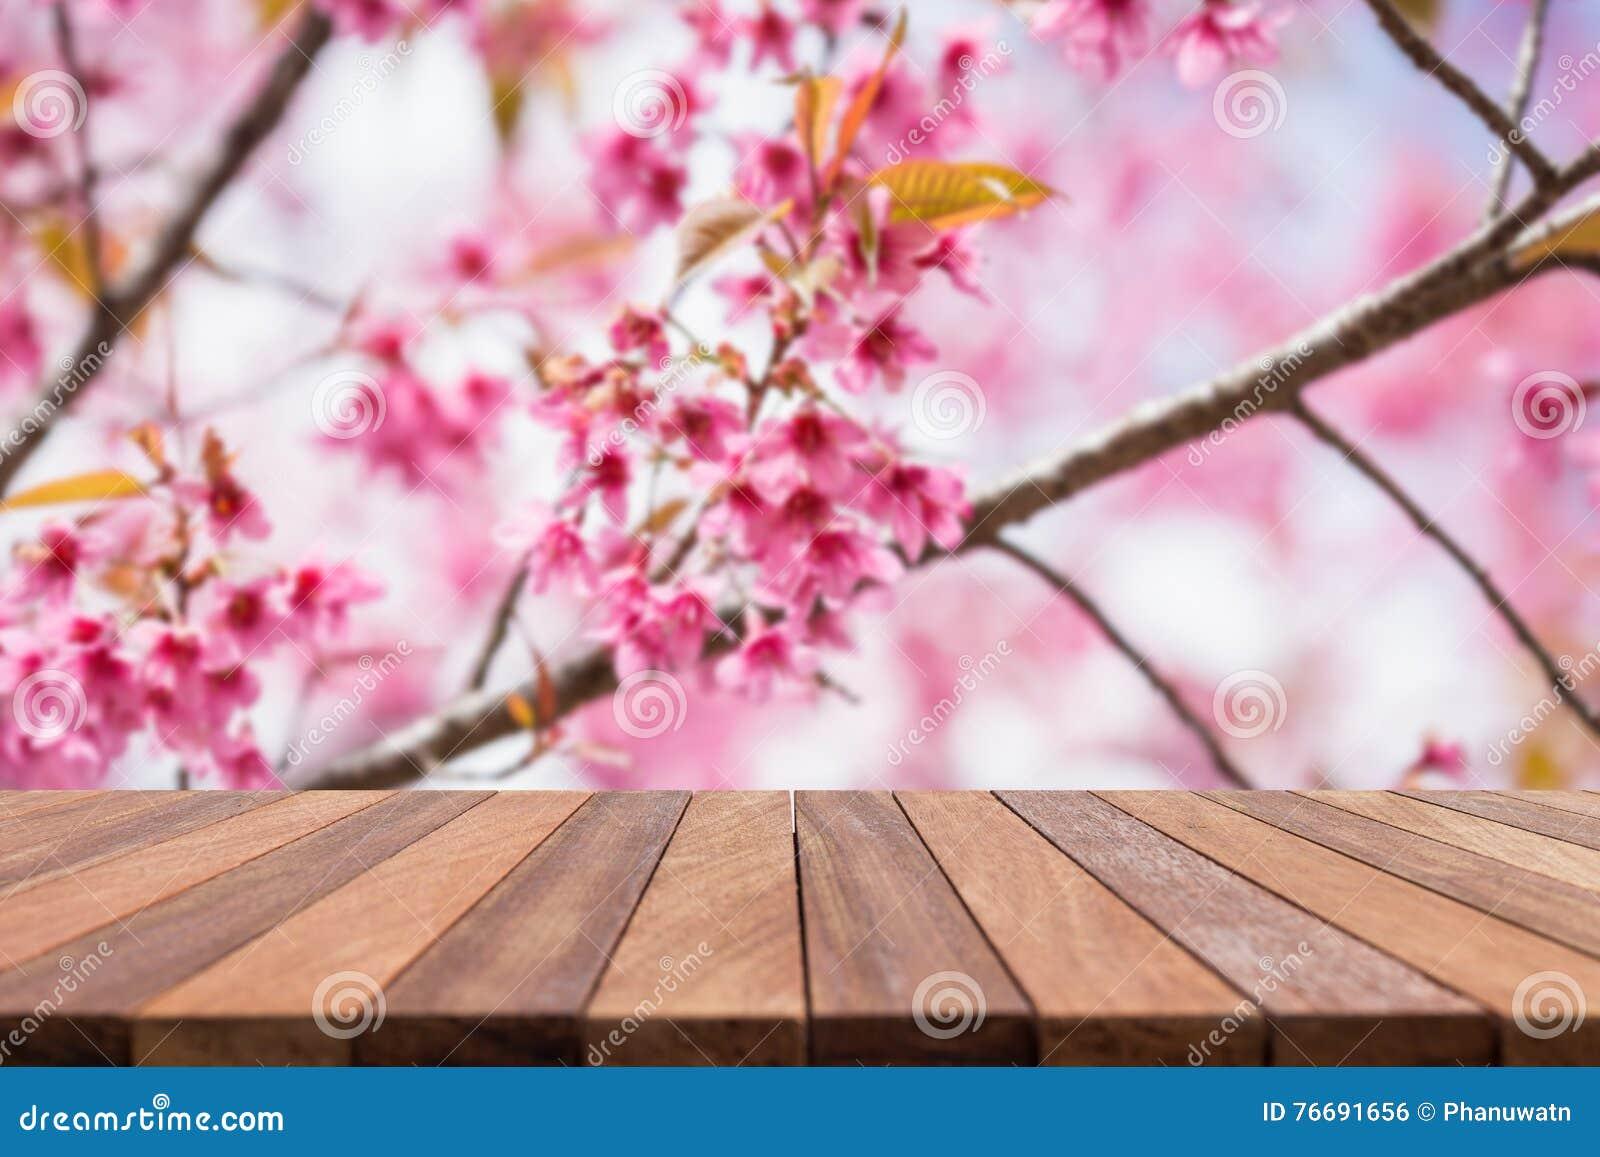 Tom bästa träsuddig bakgrund för tabell- och blommafält